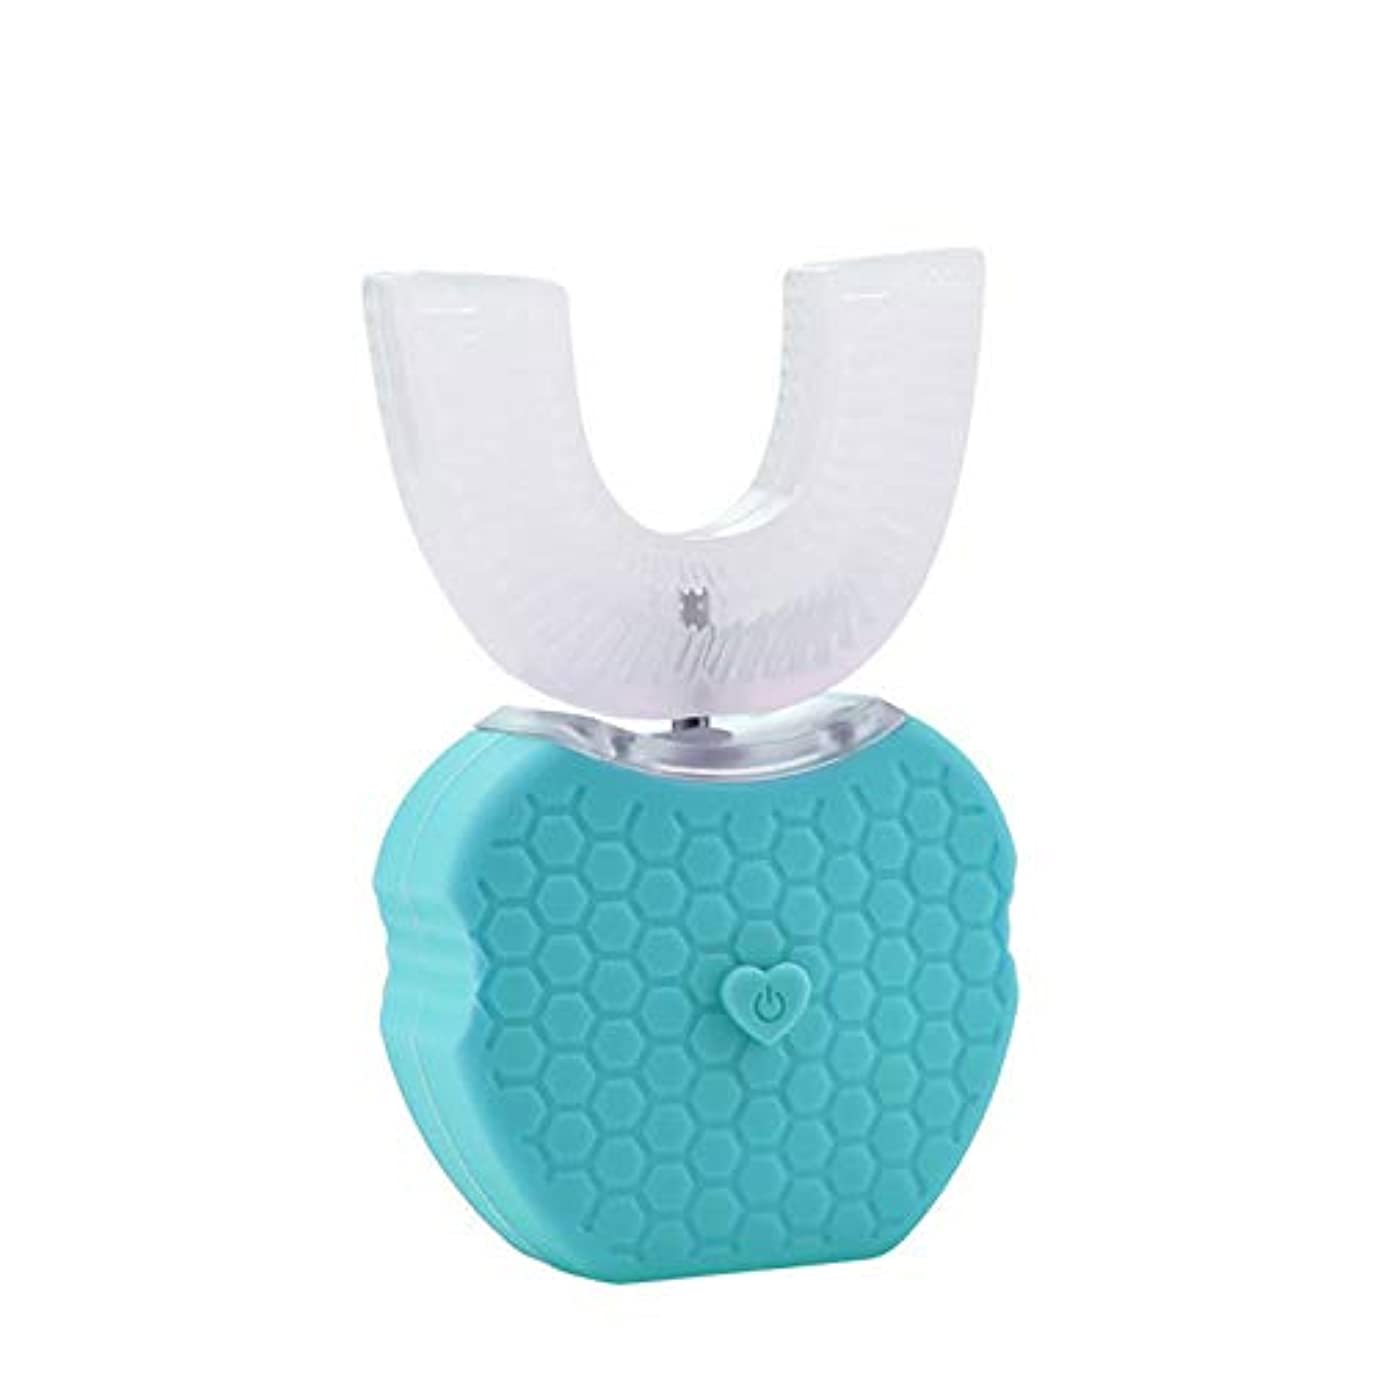 偶然のソーセージ生き返らせるフルオートマチック可変周波数電動歯ブラシ、自動360度U字型電動歯ブラシ、ワイヤレス充電IPX7防水自動歯ブラシ(大人用),Blue